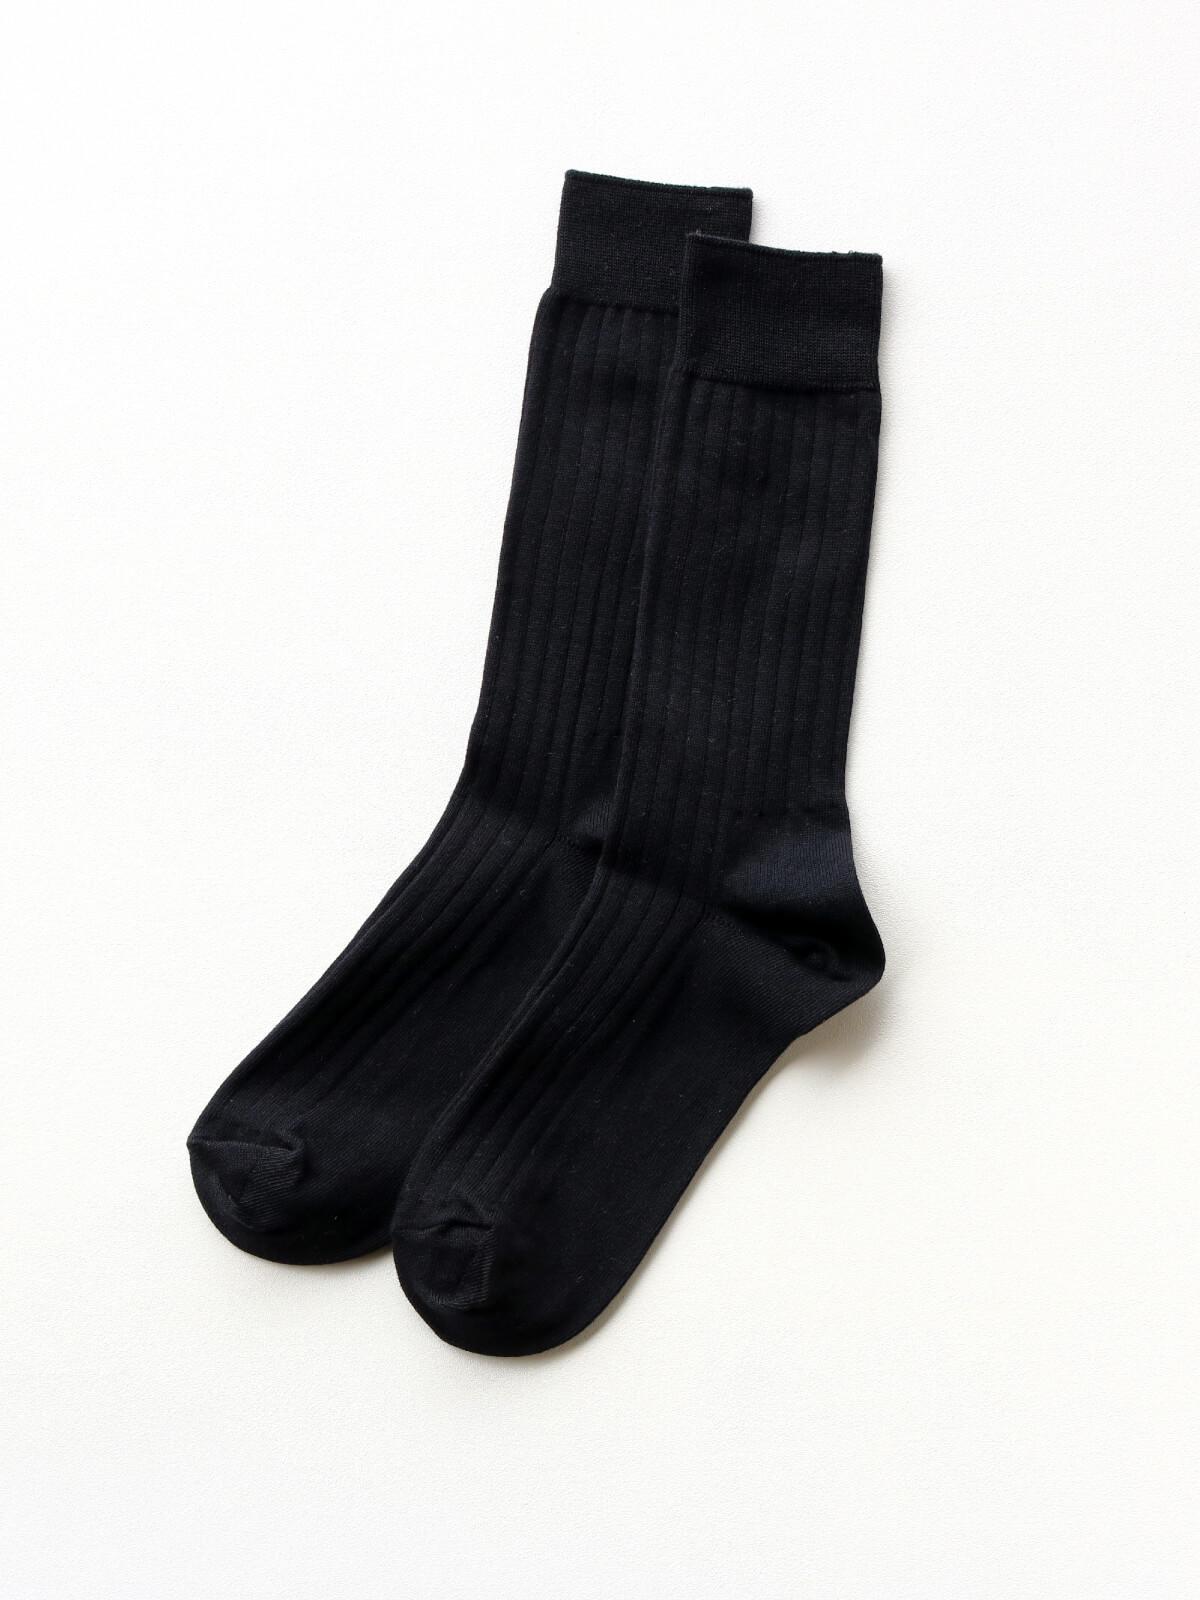 当たりつきギフト専用靴下のLUCKY SOCKS(ラッキーソックス)のLight Rib Socks(ライトリブソックス)のブラック_2